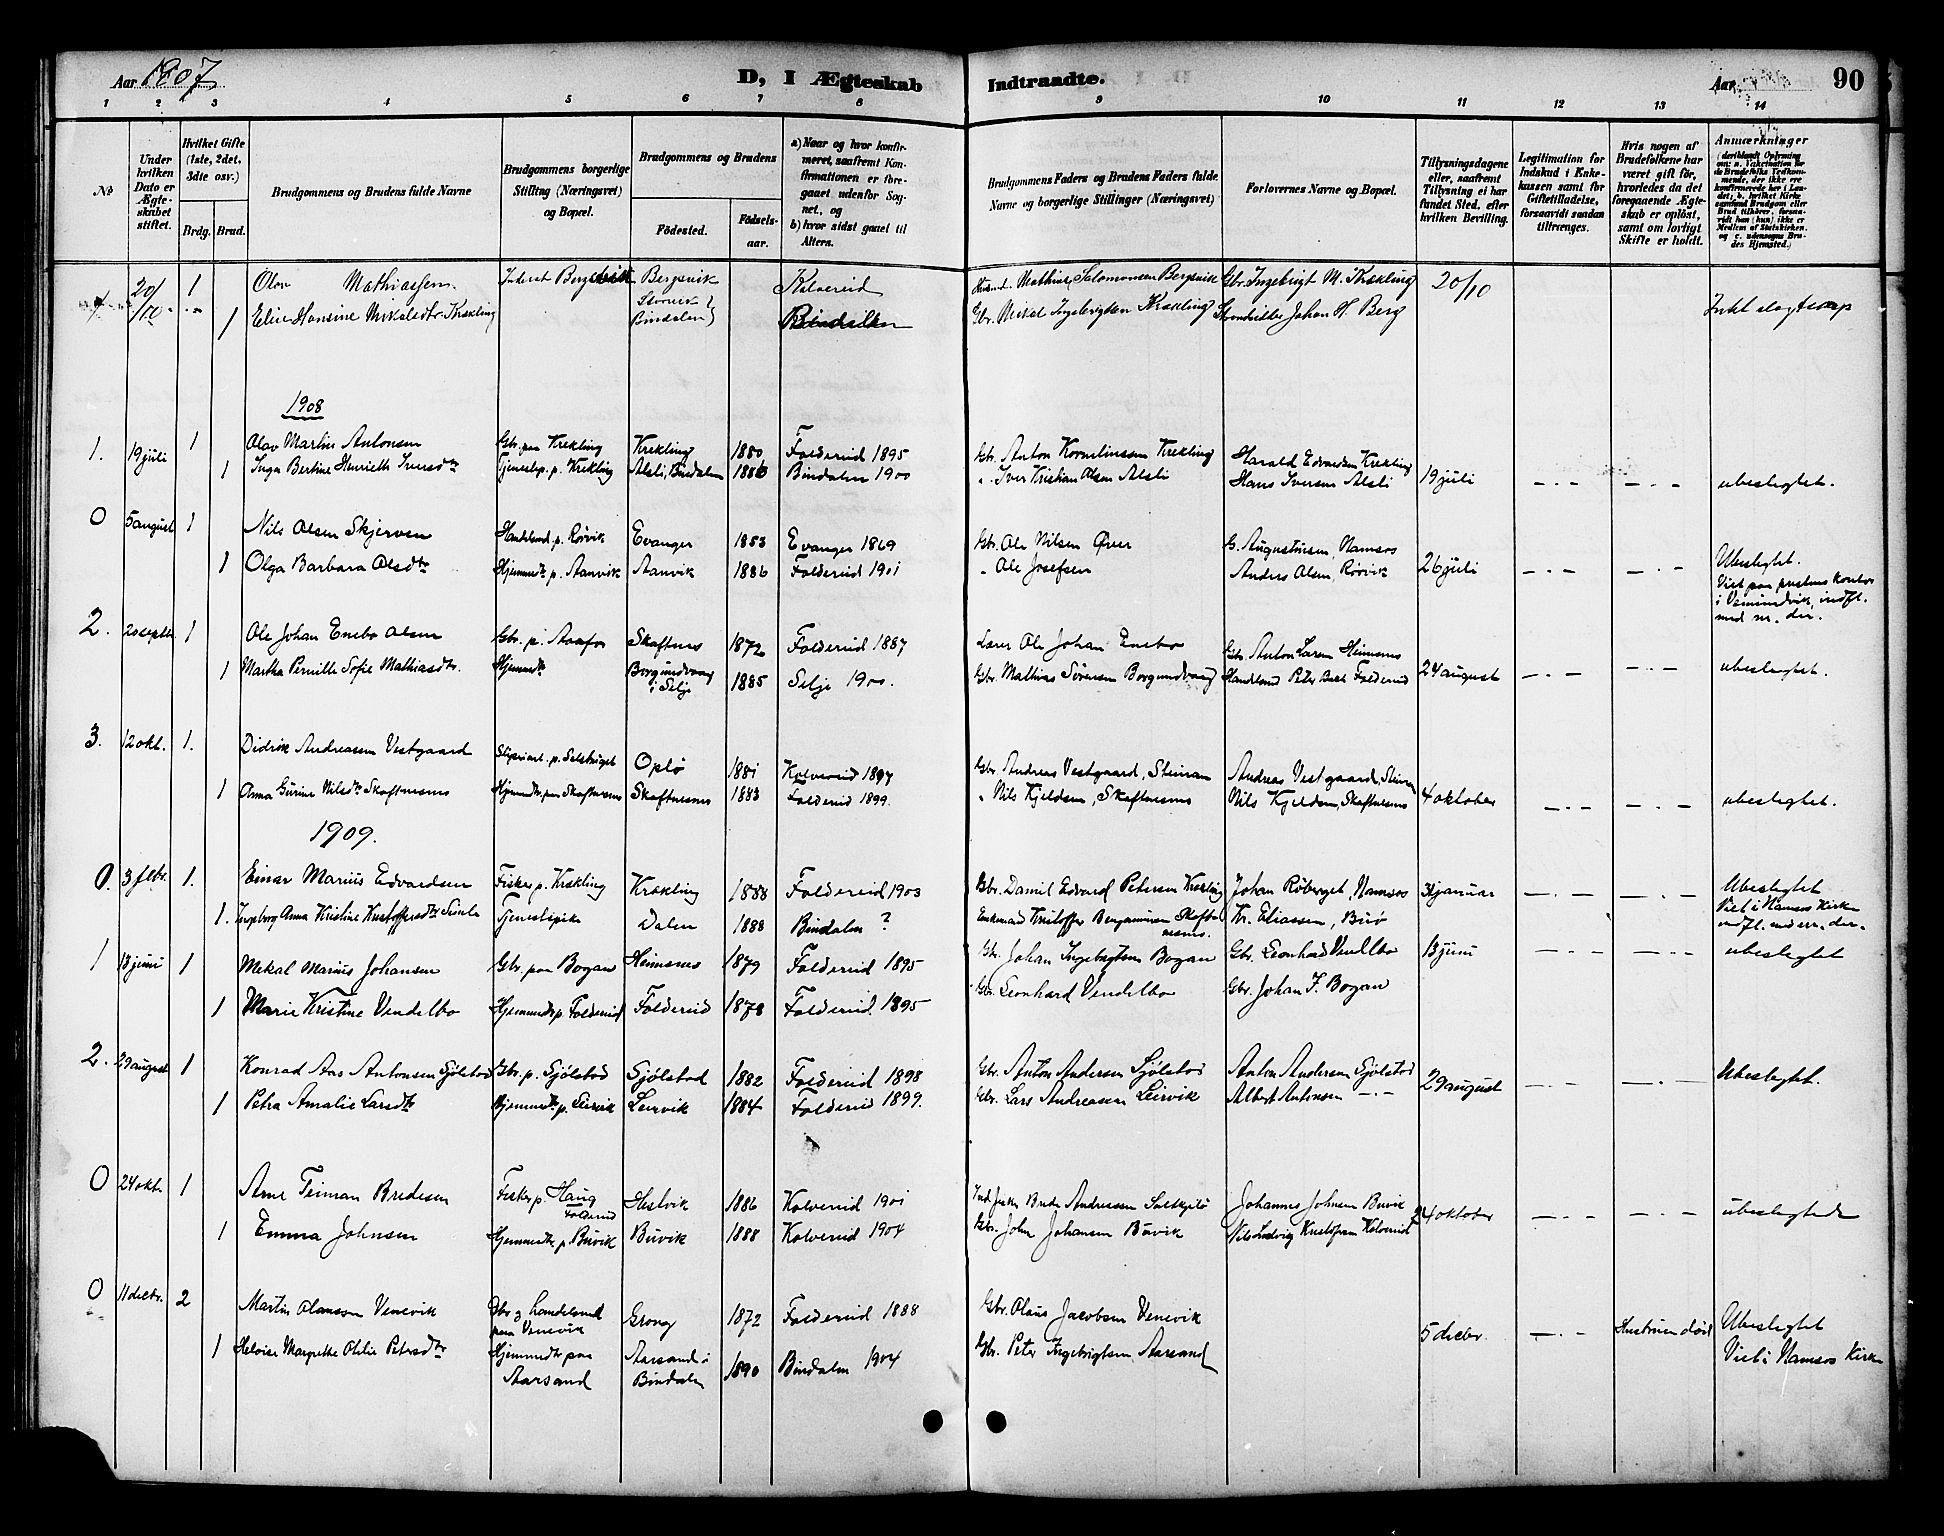 SAT, Ministerialprotokoller, klokkerbøker og fødselsregistre - Nord-Trøndelag, 783/L0662: Klokkerbok nr. 783C02, 1894-1919, s. 90